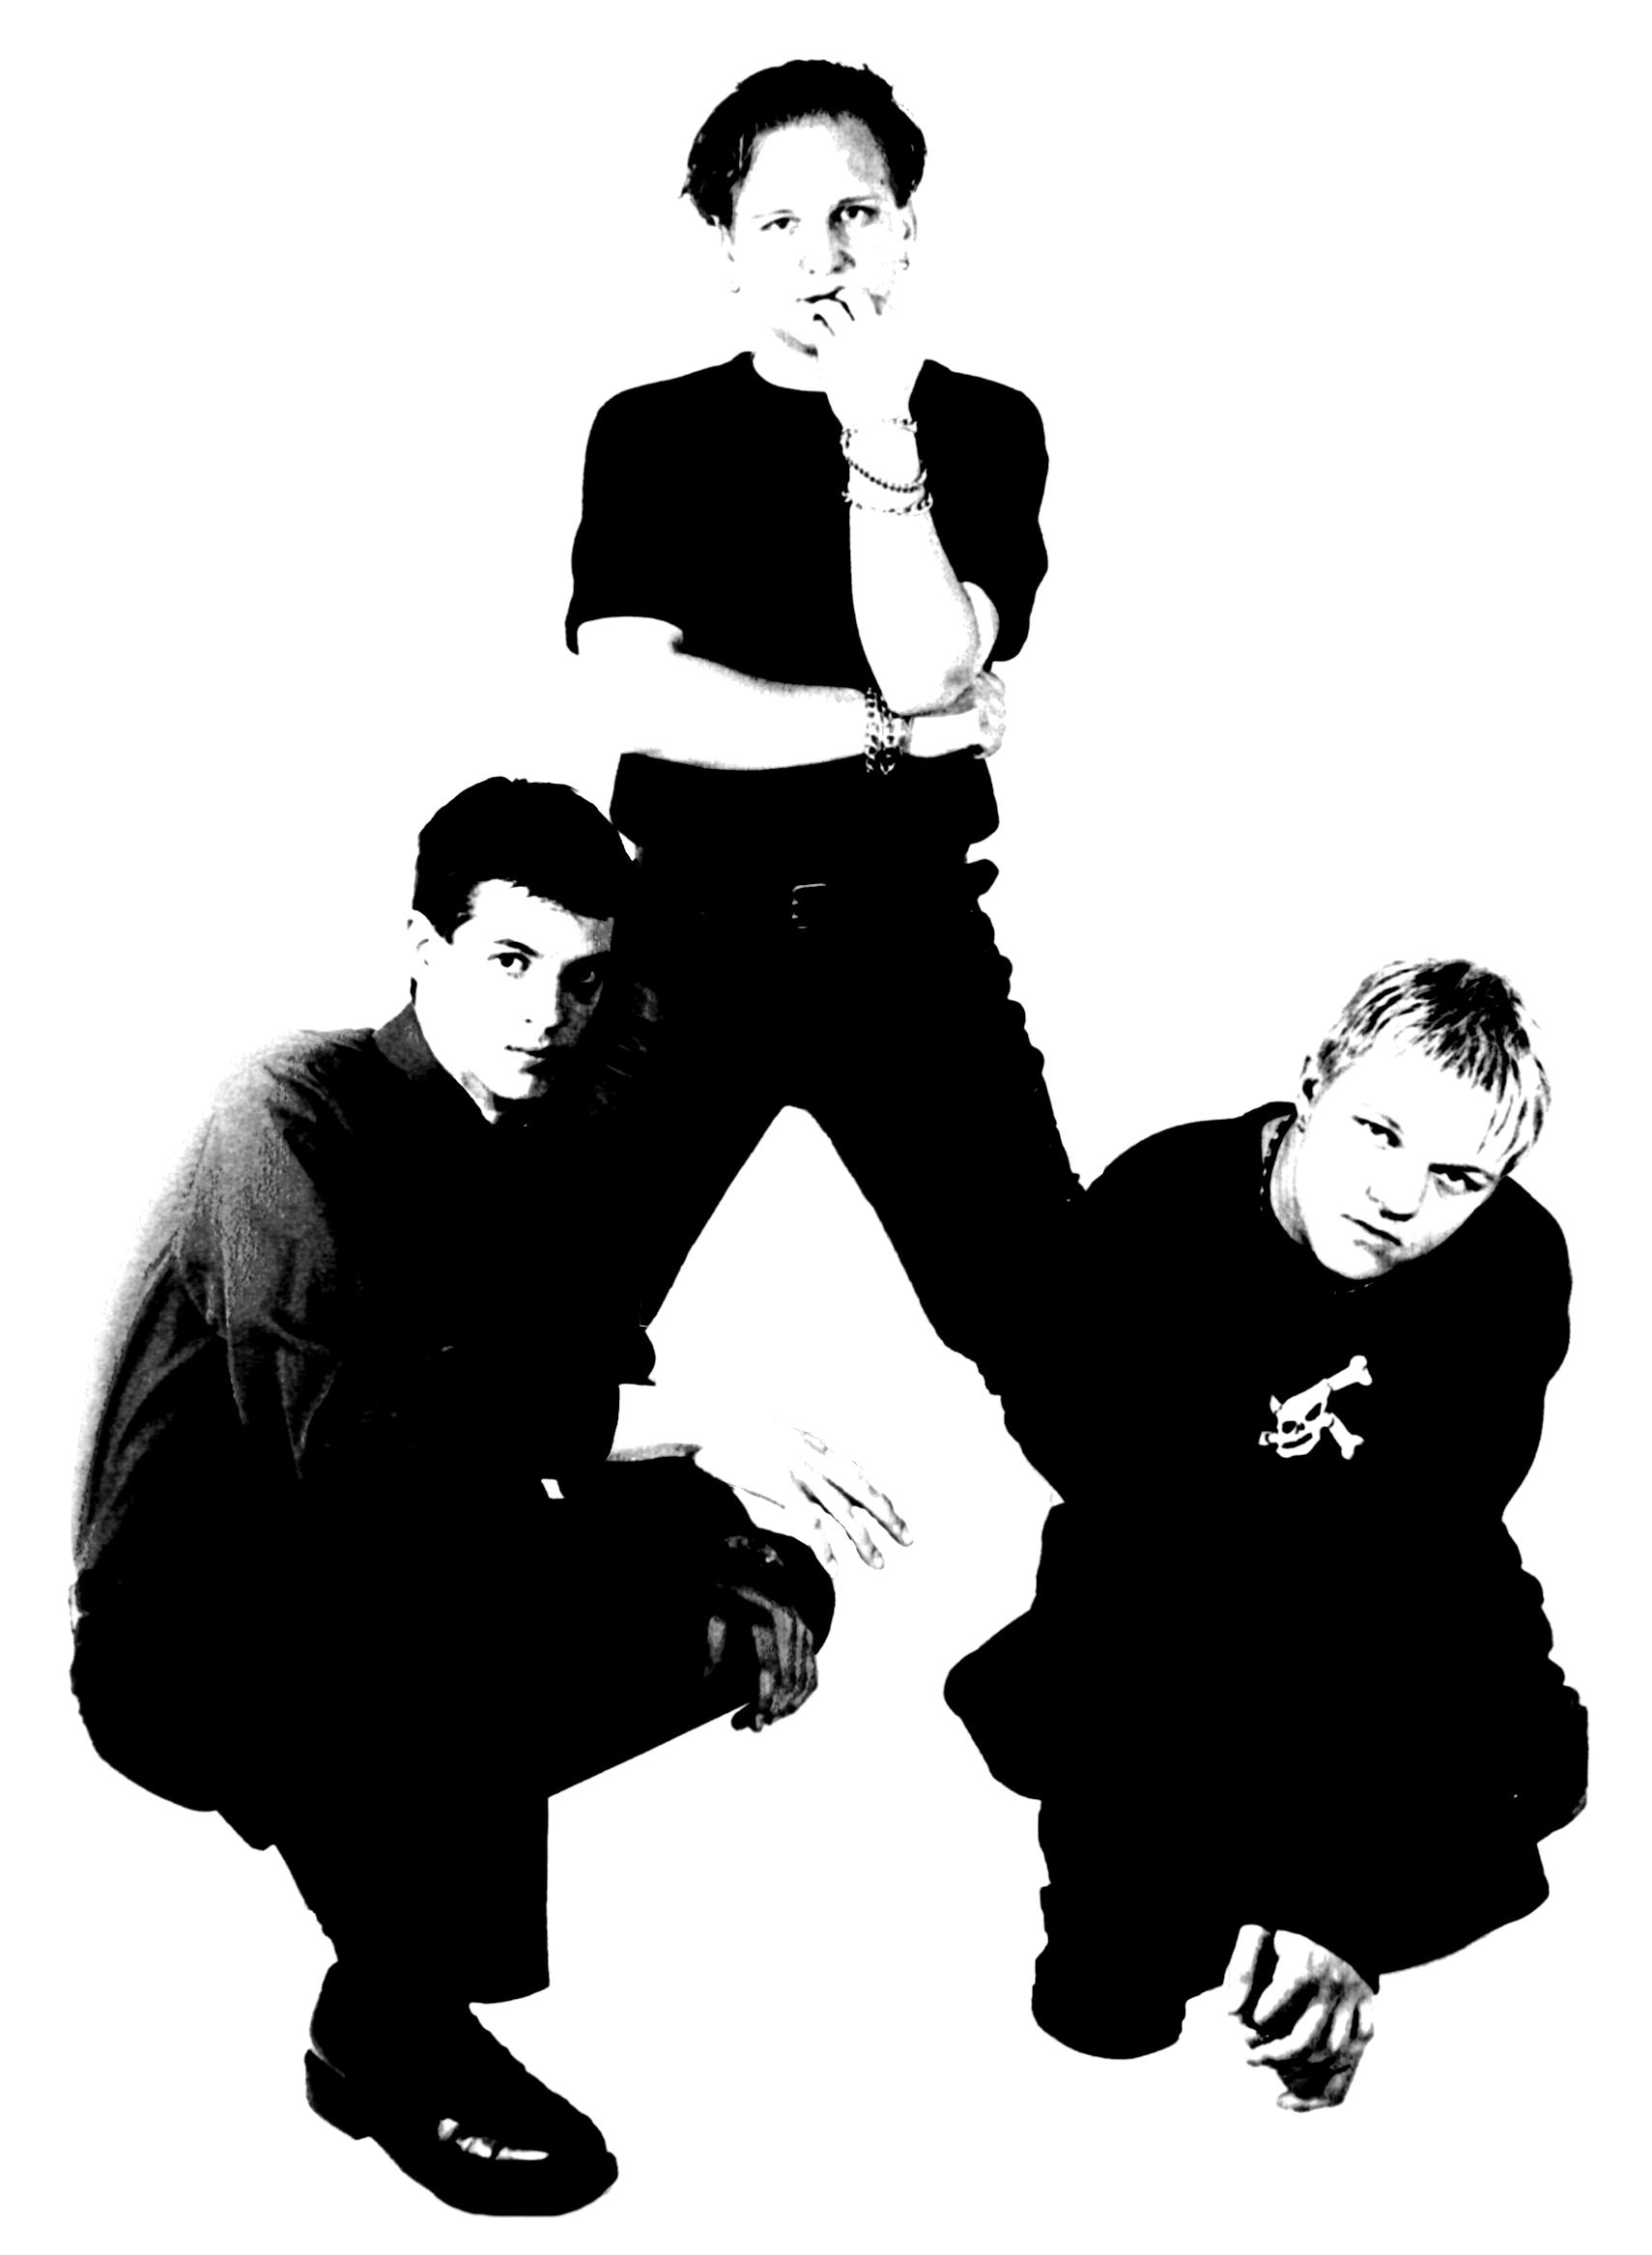 mrmoth group photo, circa 2000